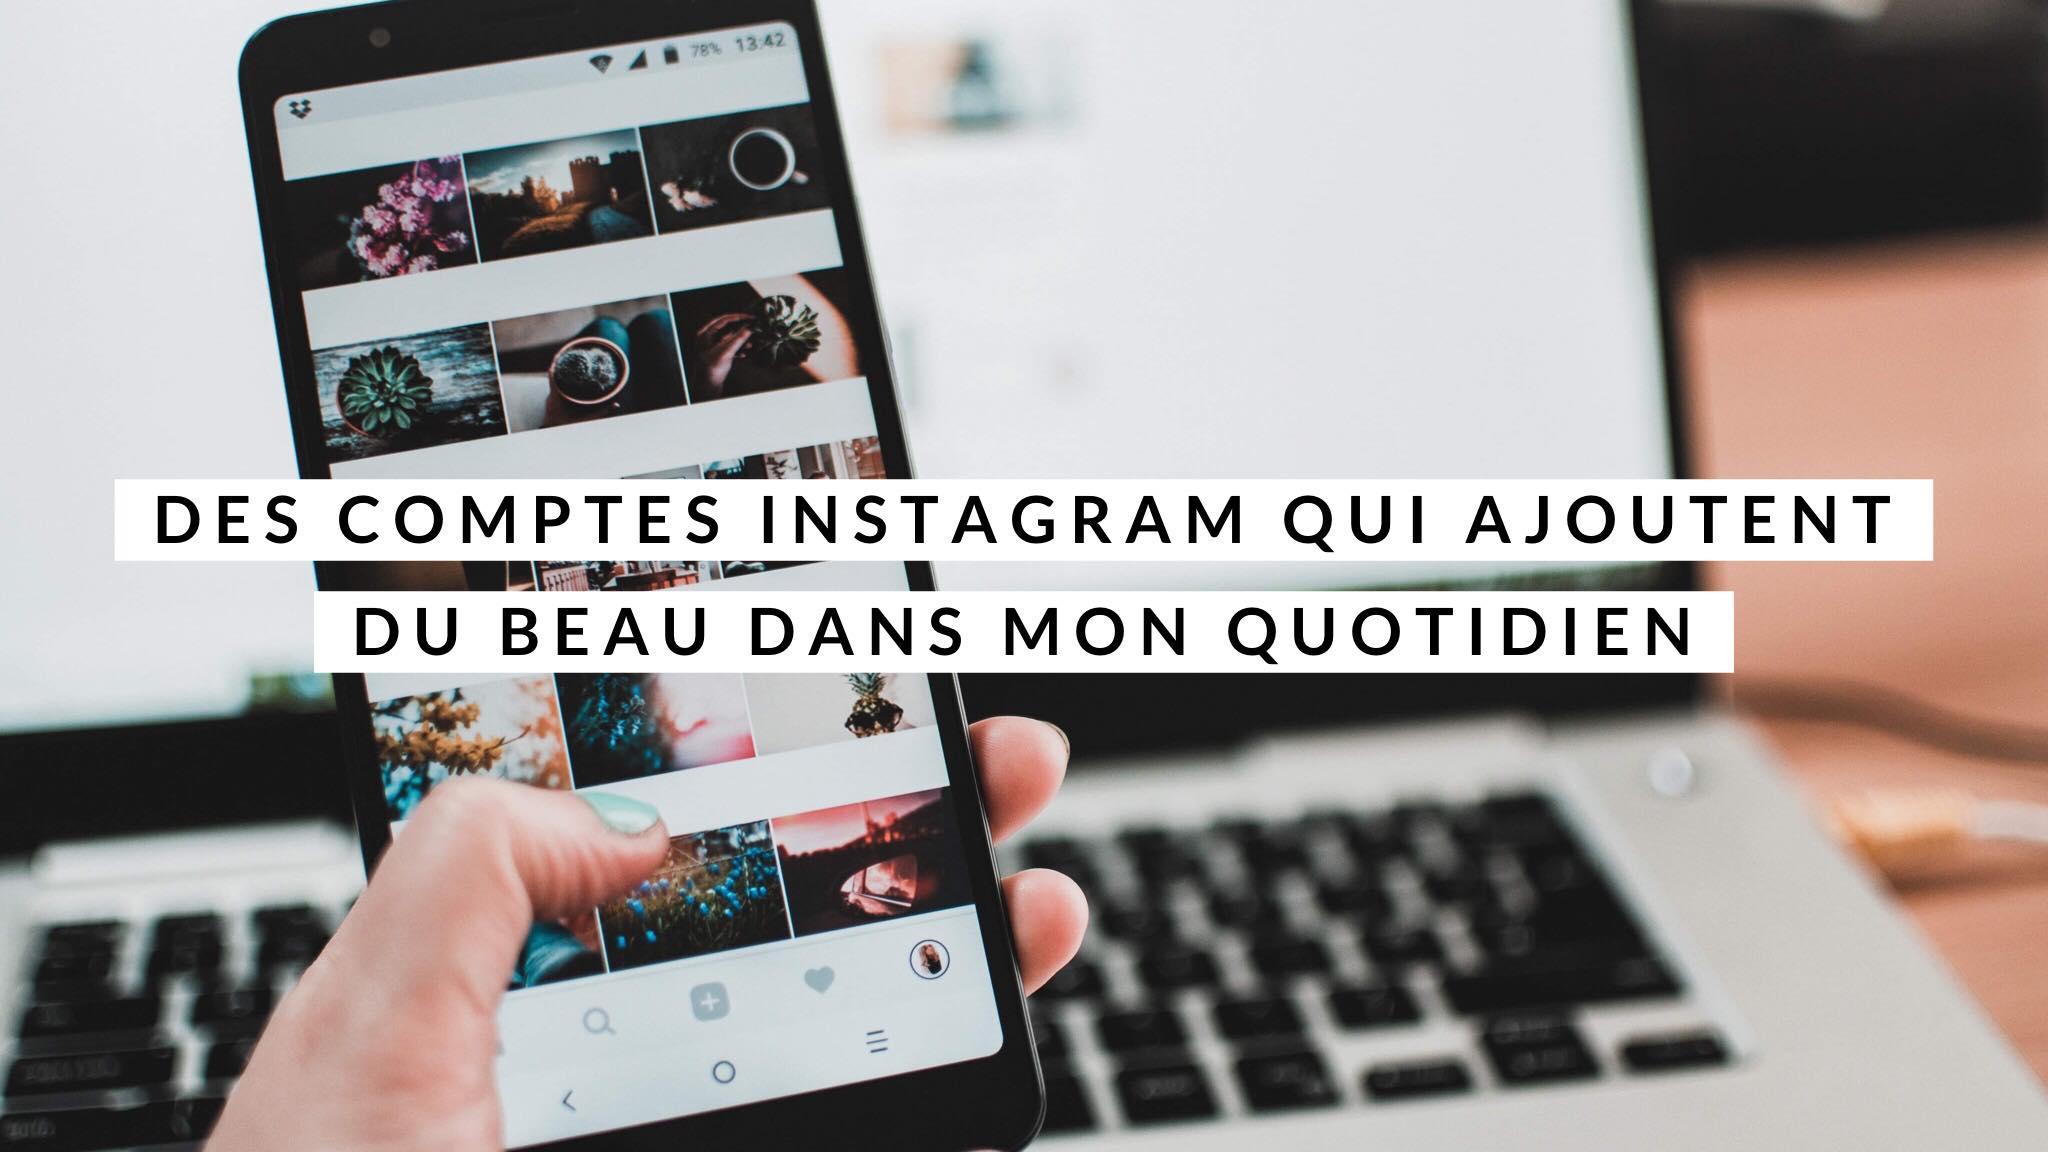 Des comptes Instagram qui ajoutent du beau